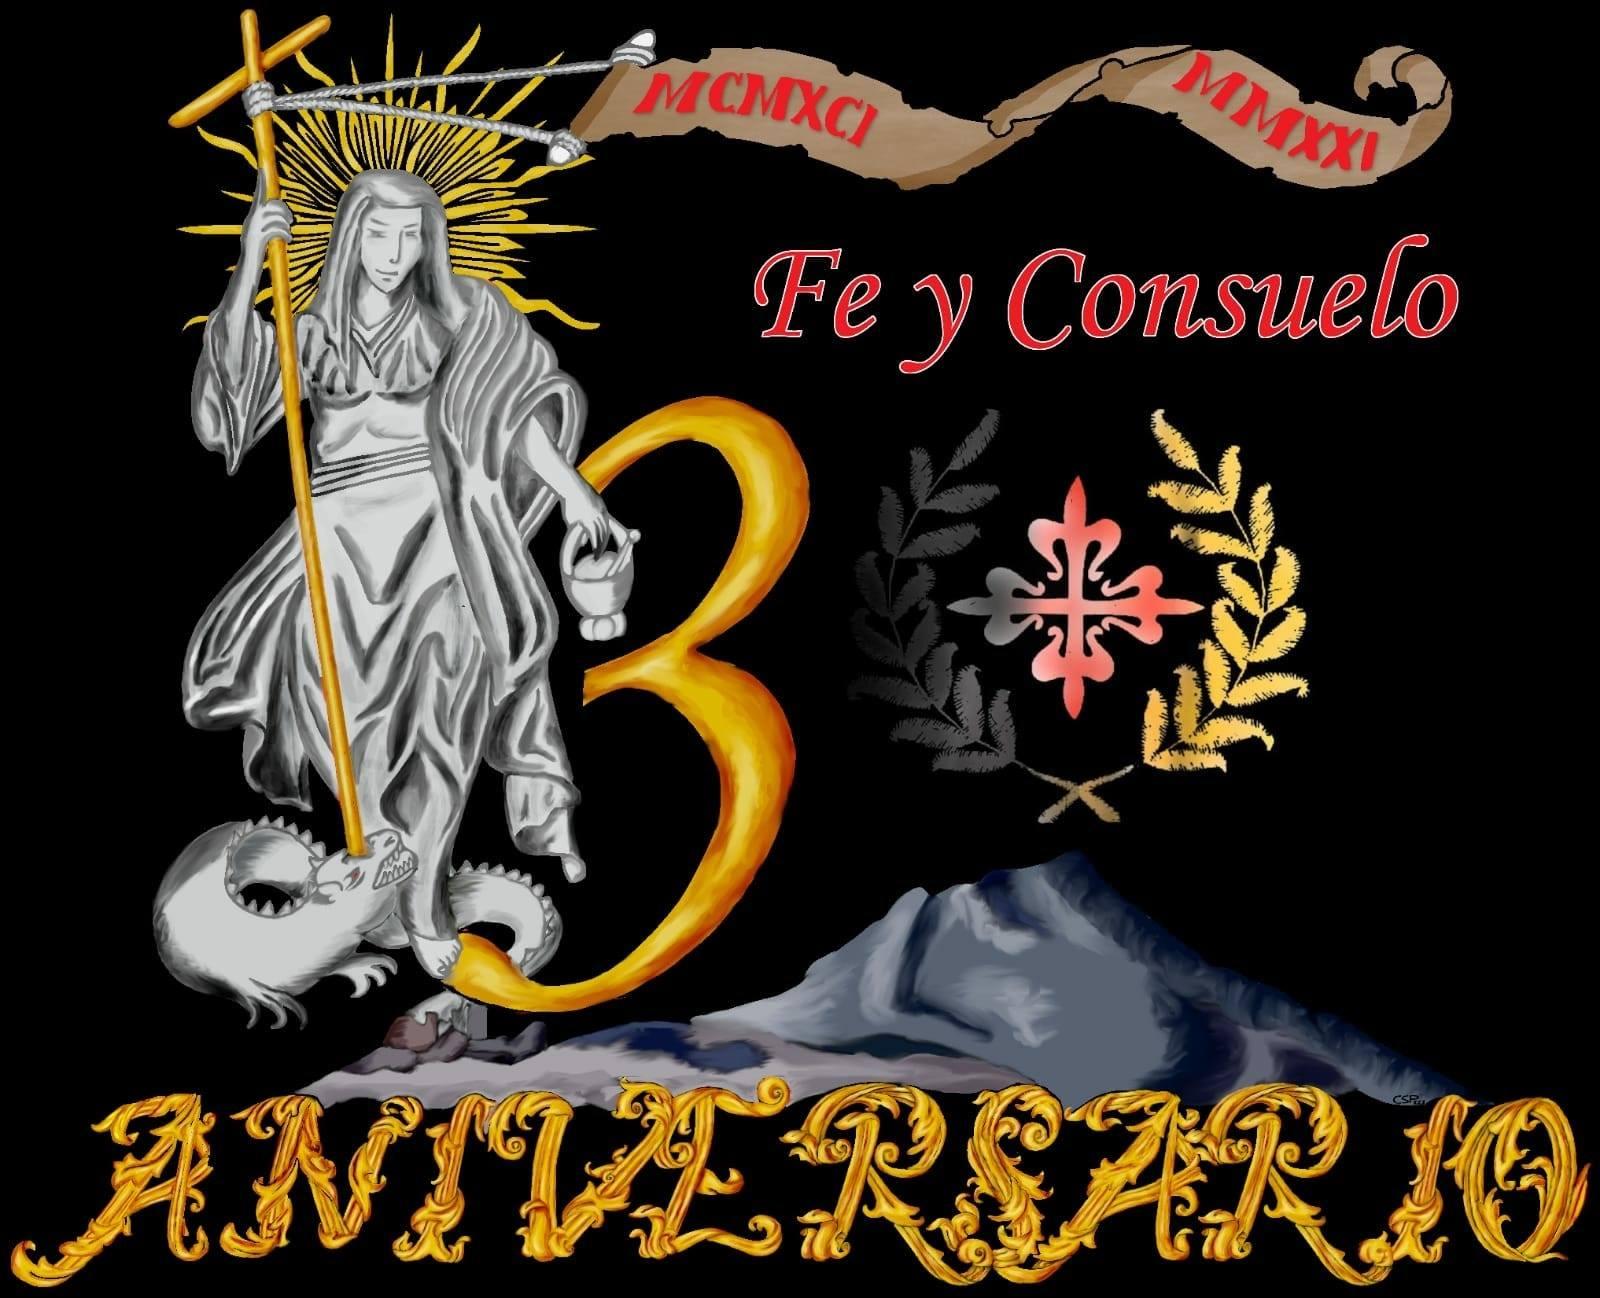 30 años de Sones de Fe y Consuelo